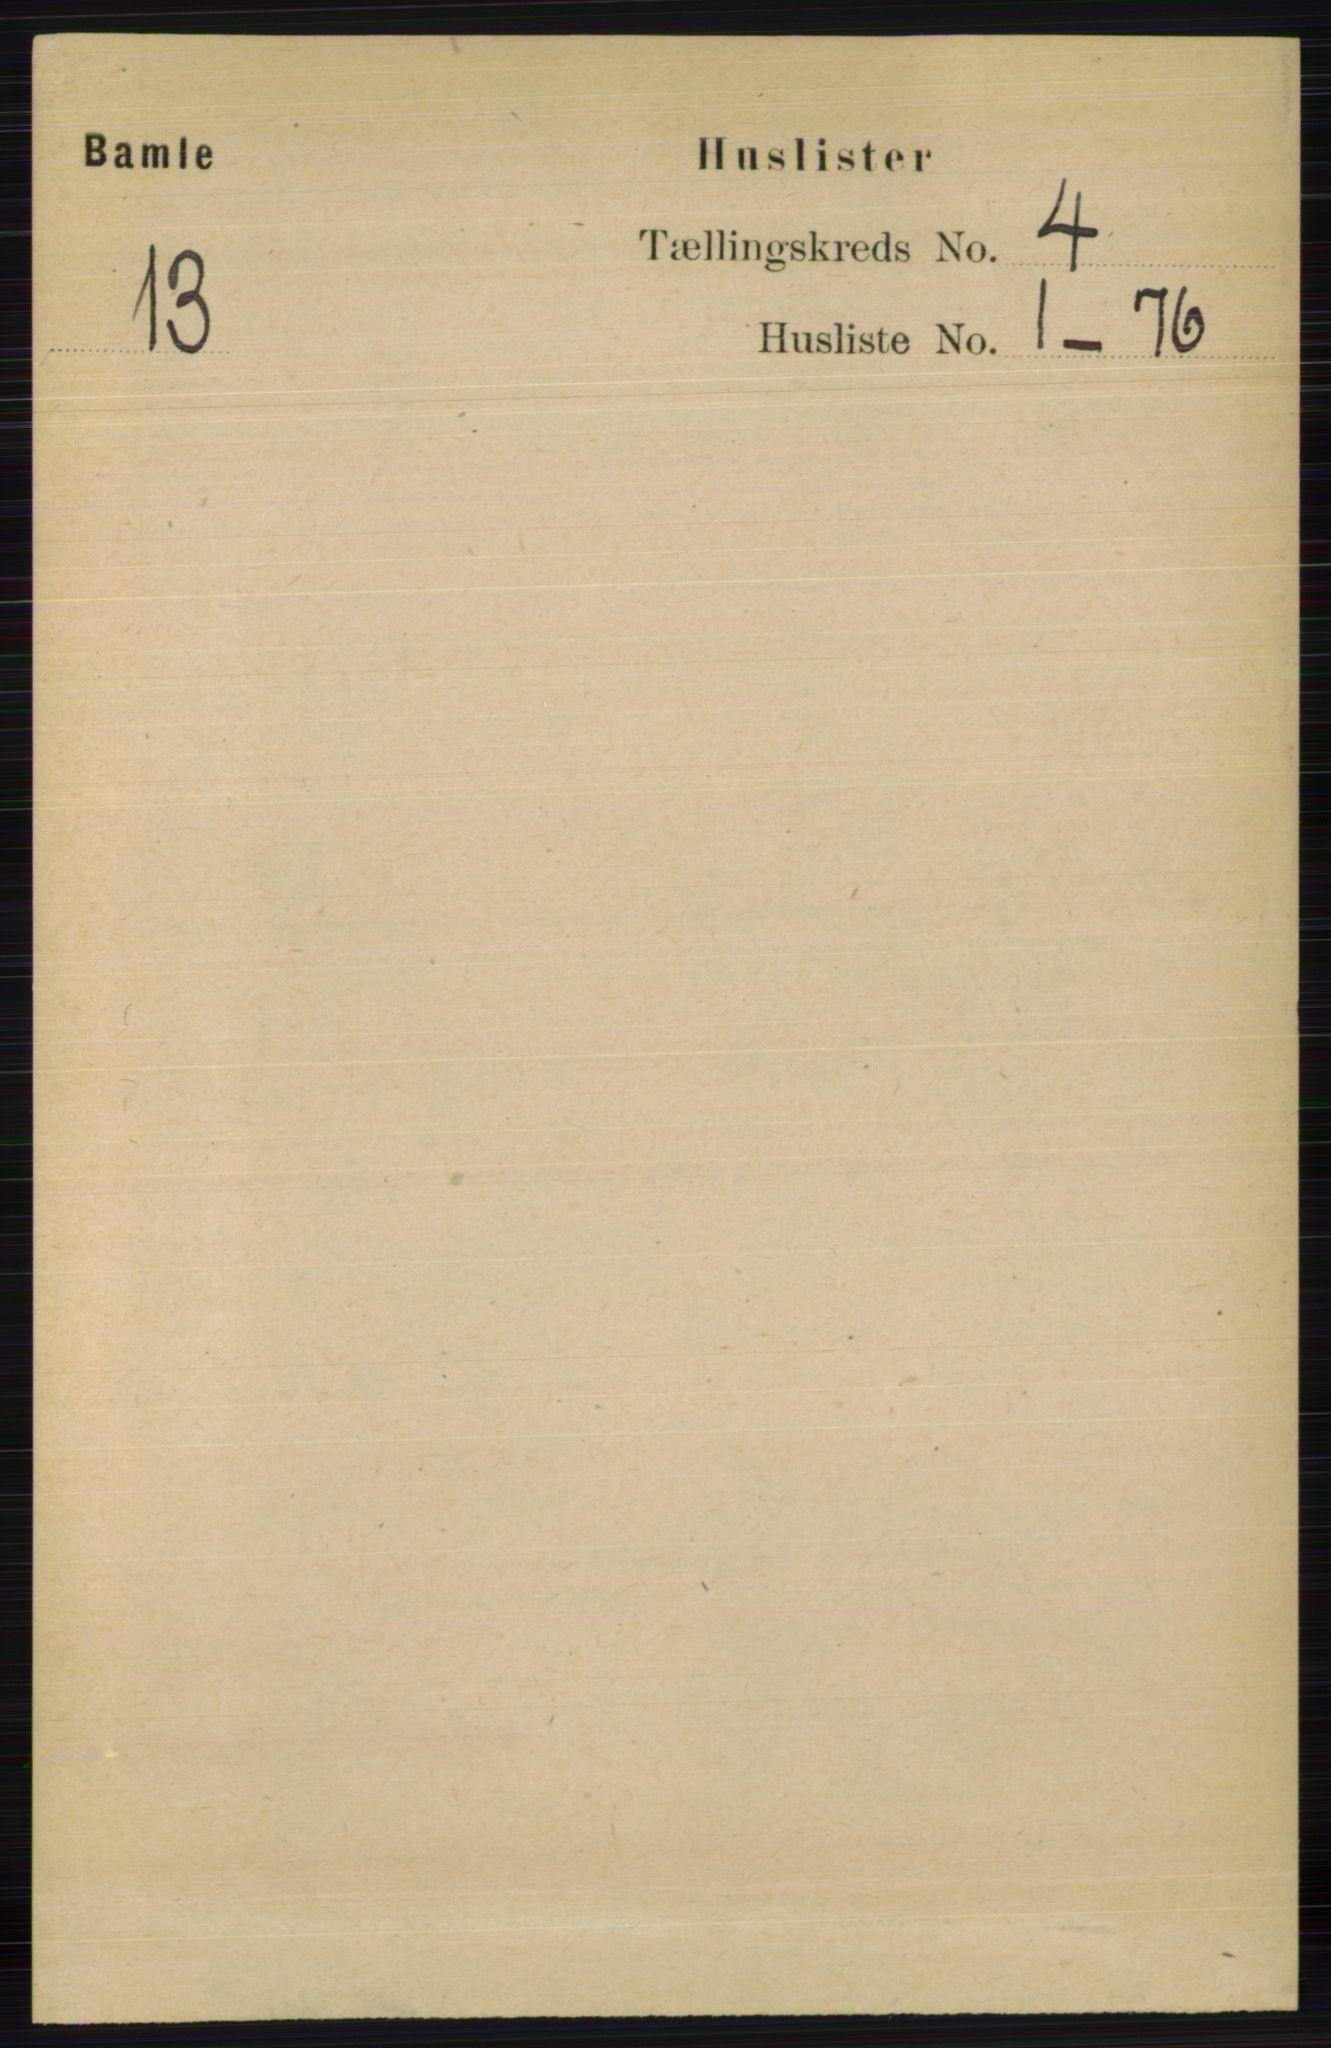 RA, Folketelling 1891 for 0814 Bamble herred, 1891, s. 1736